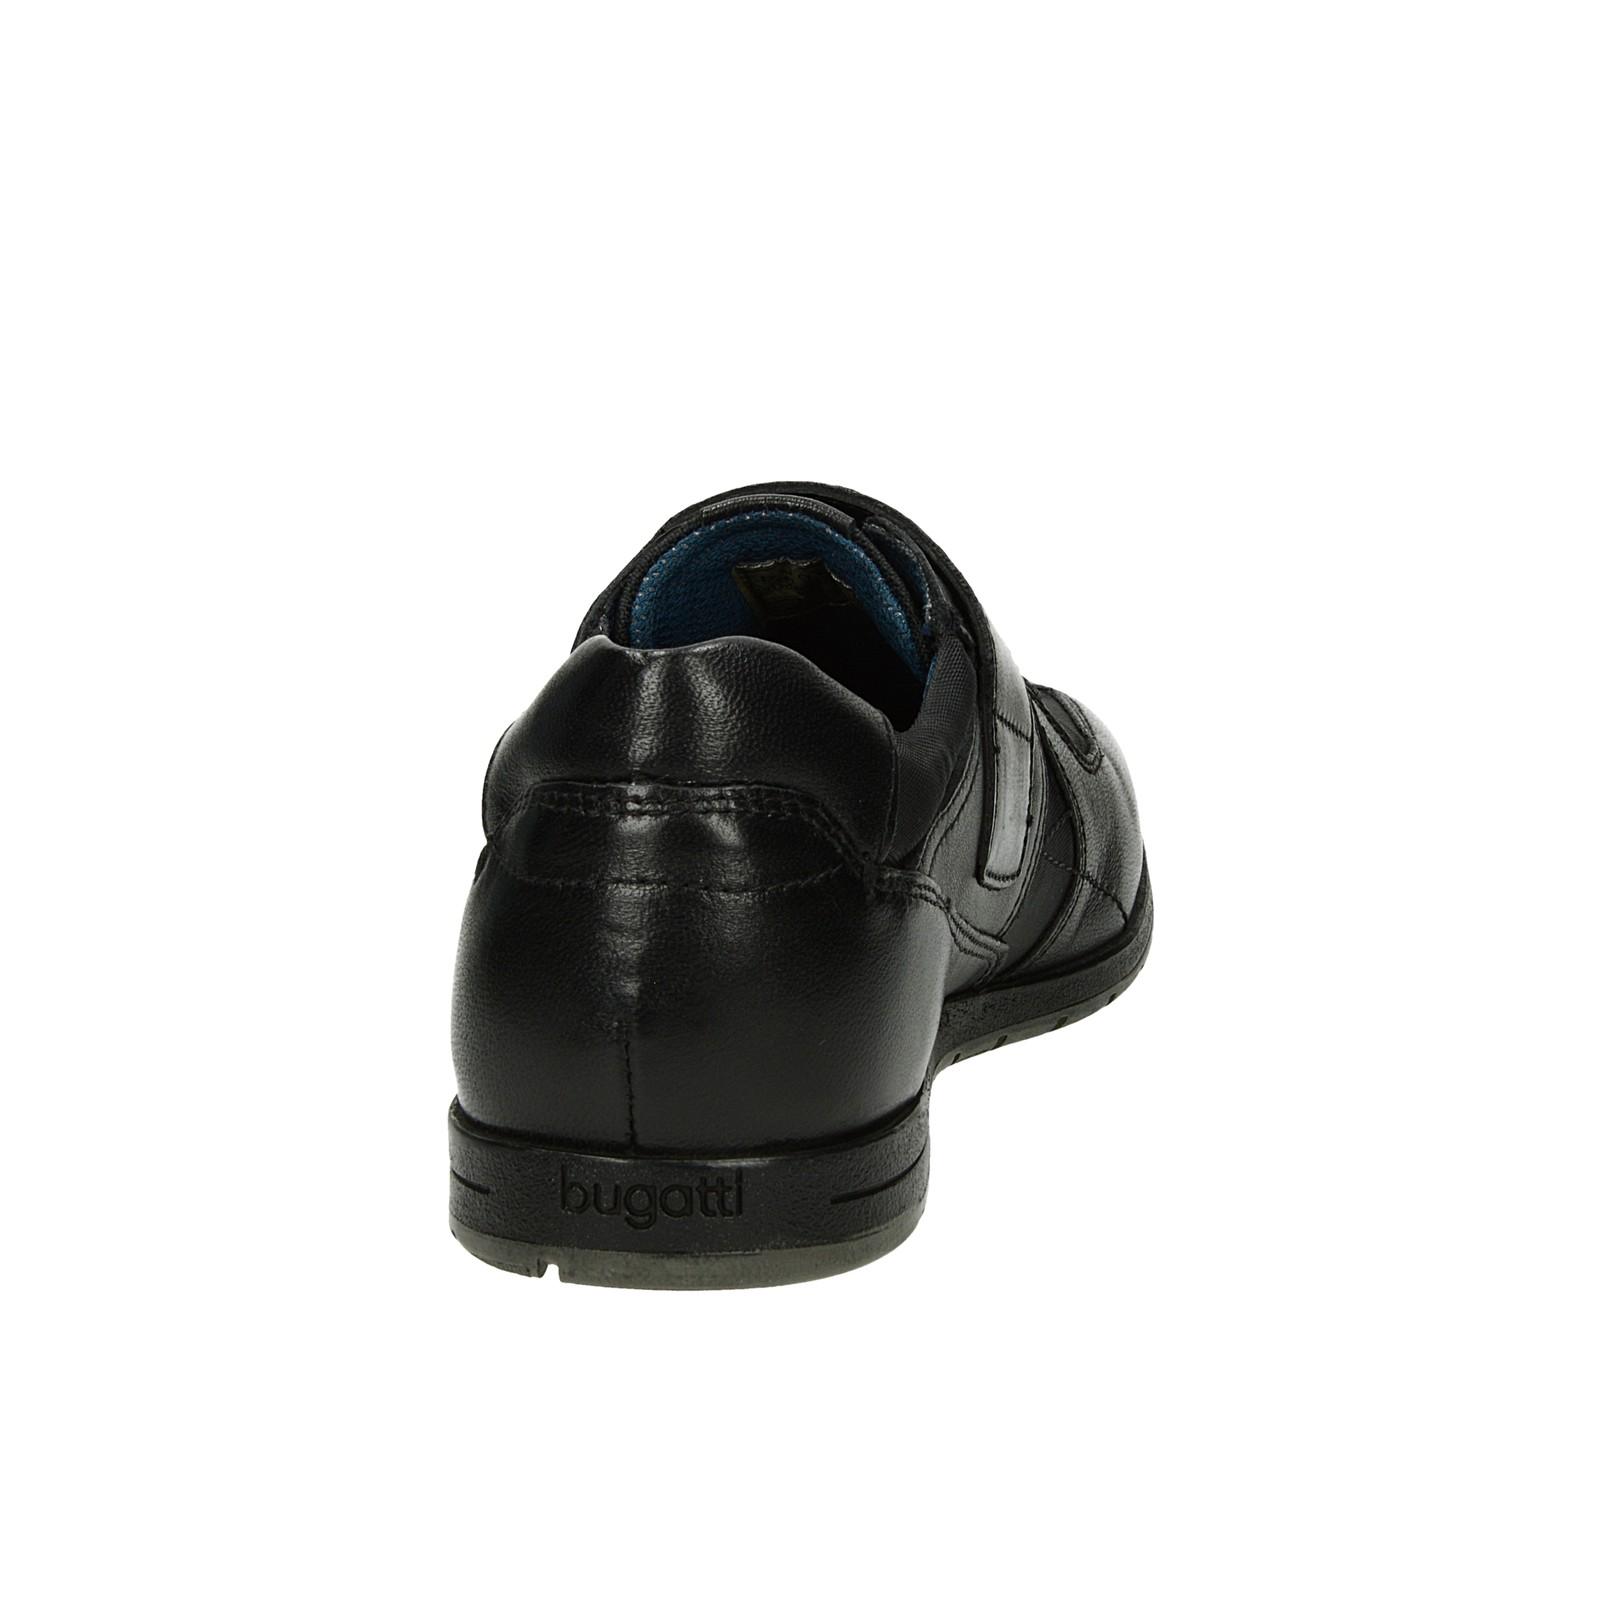 382e52b0c7149 Bugatti pánske pohodlné tenisky na suchý zips - čierne | 313-14060 ...